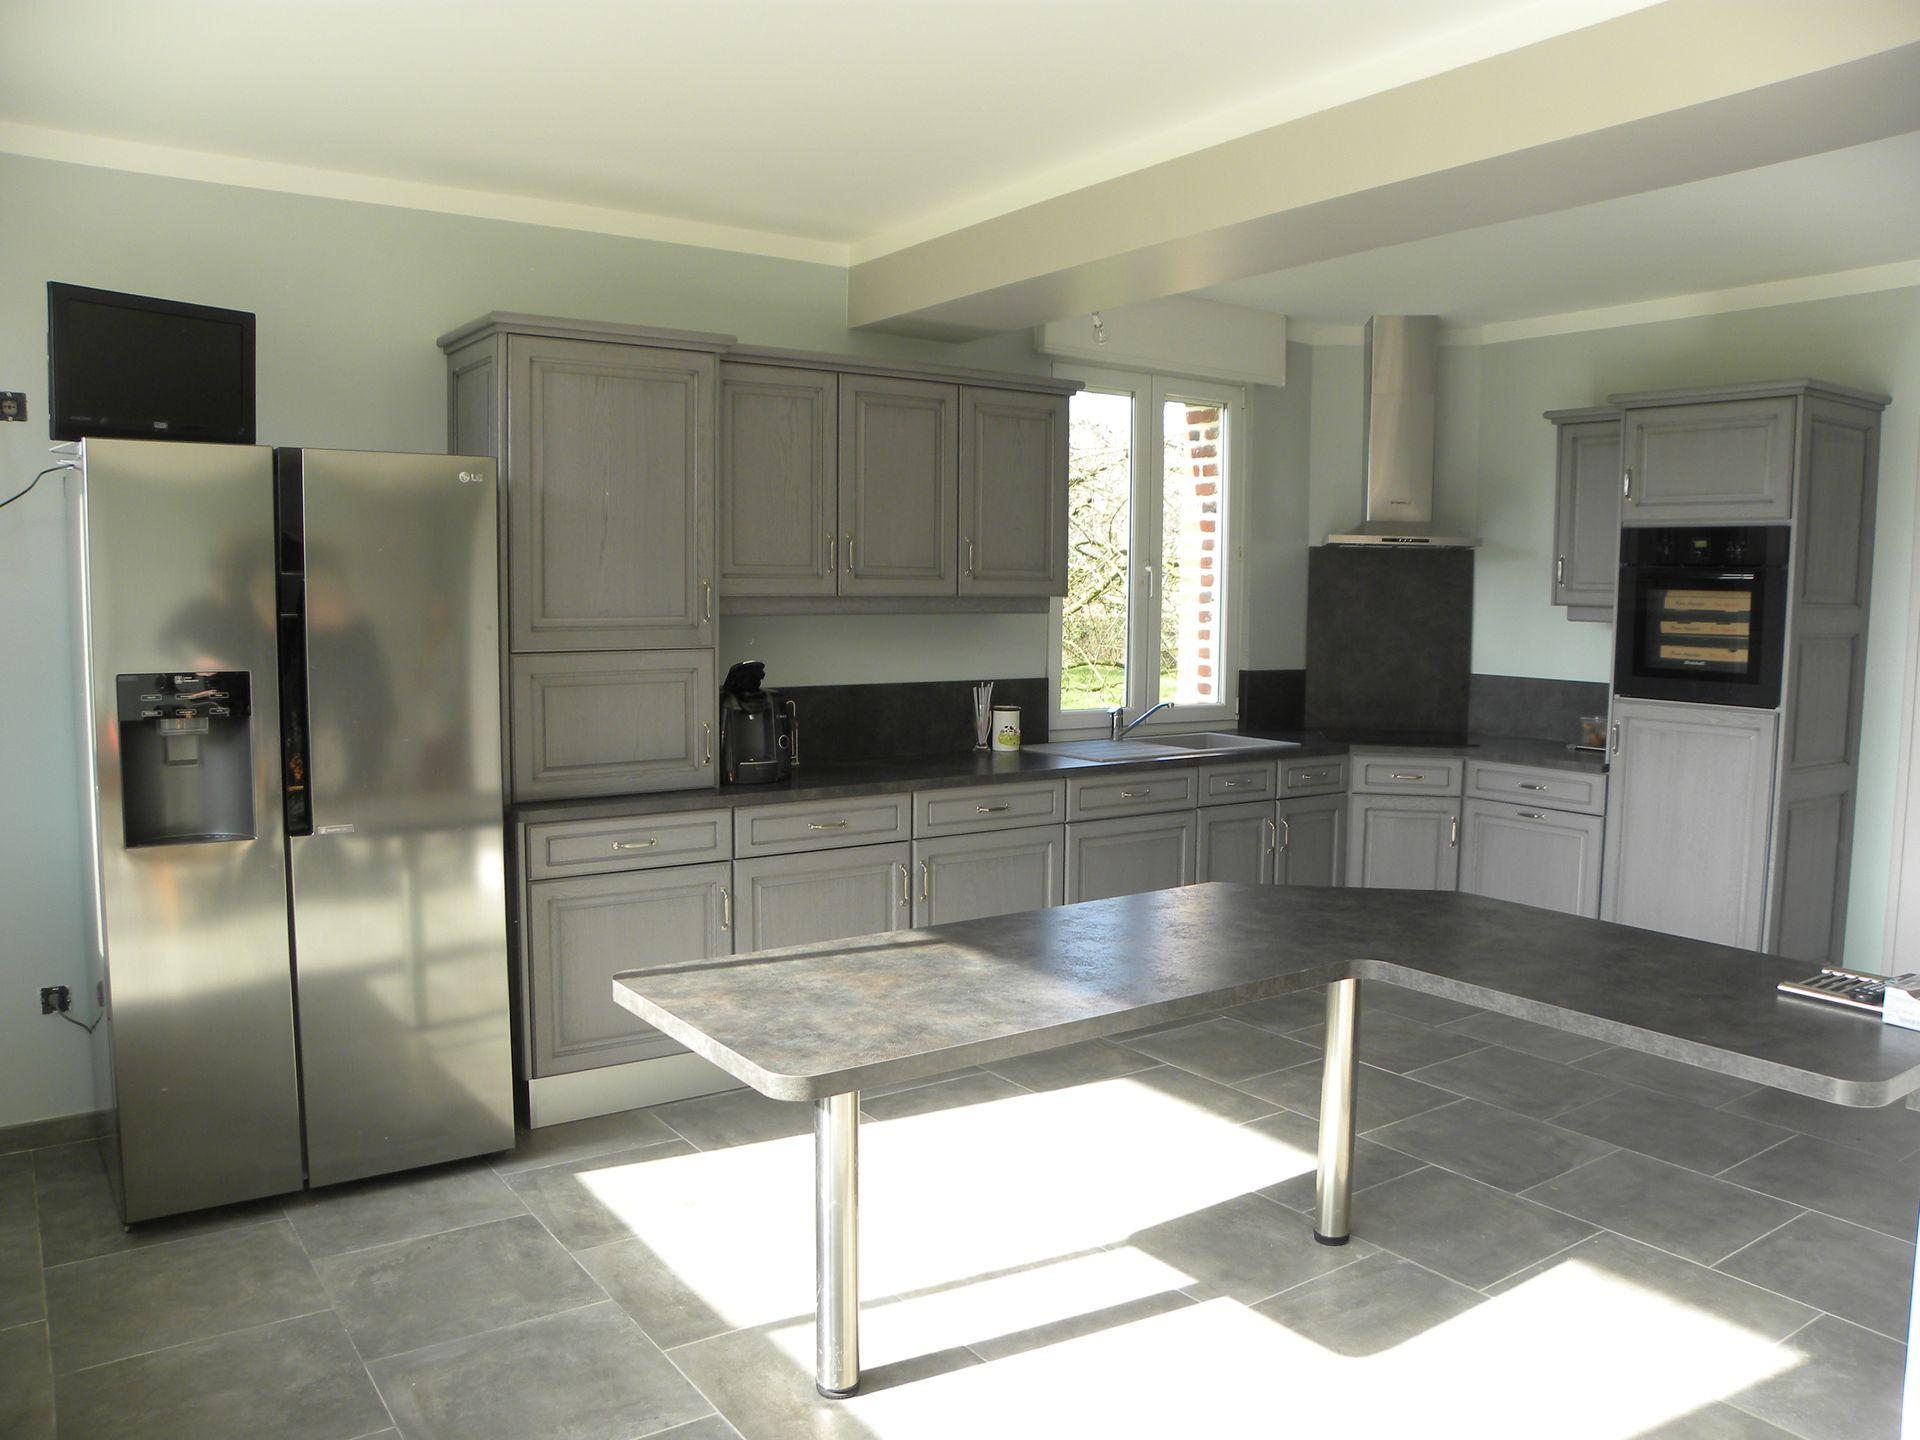 cuisine gris fonc patine grise gilles martel. Black Bedroom Furniture Sets. Home Design Ideas